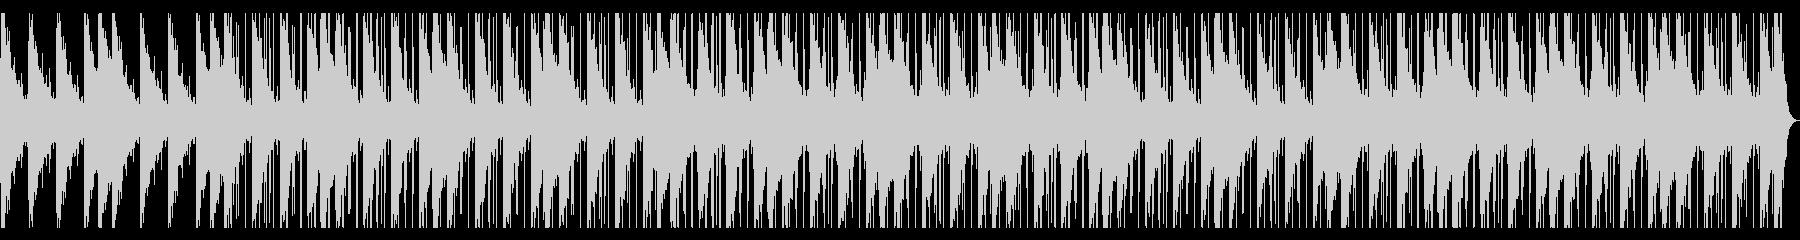 捜索するようなR&B_No616_1の未再生の波形